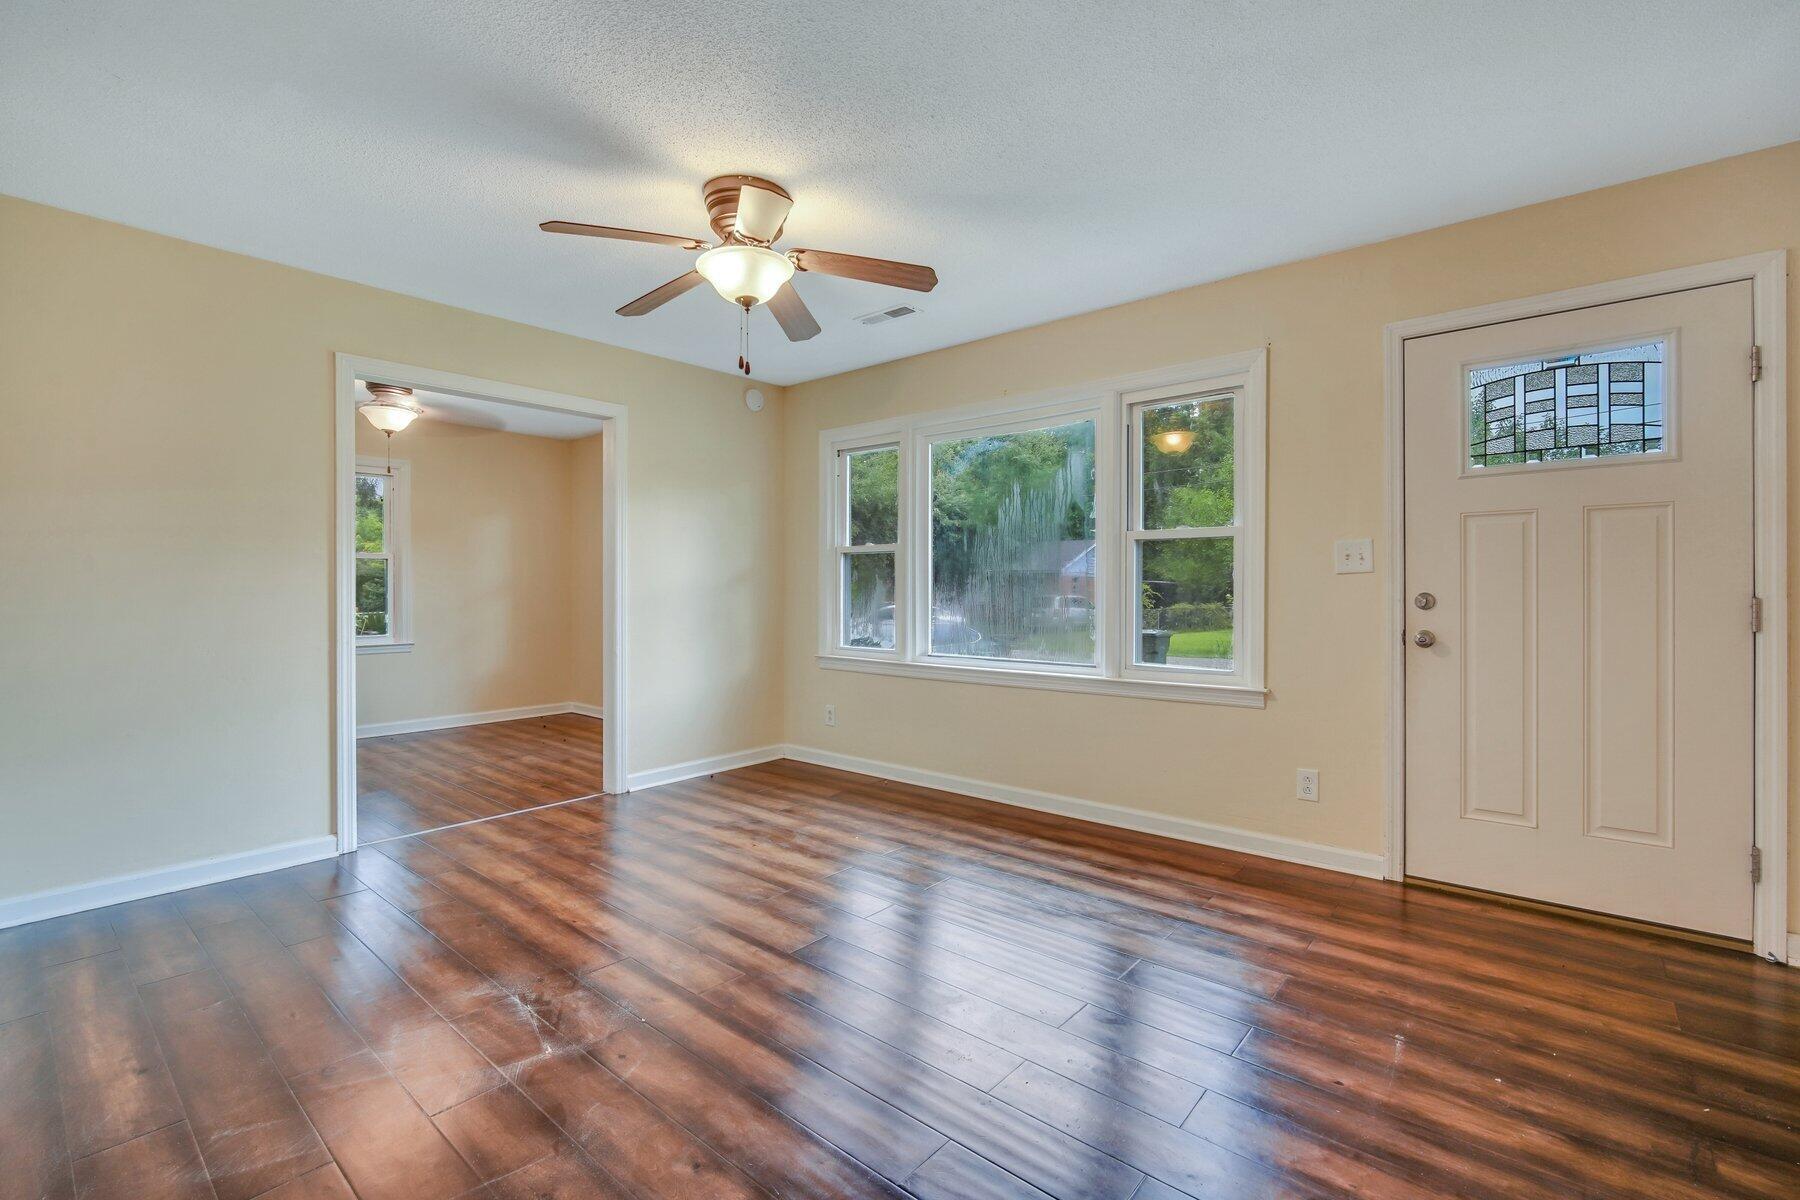 Boulder Bluff Homes For Sale - 428 Annette, Goose Creek, SC - 26